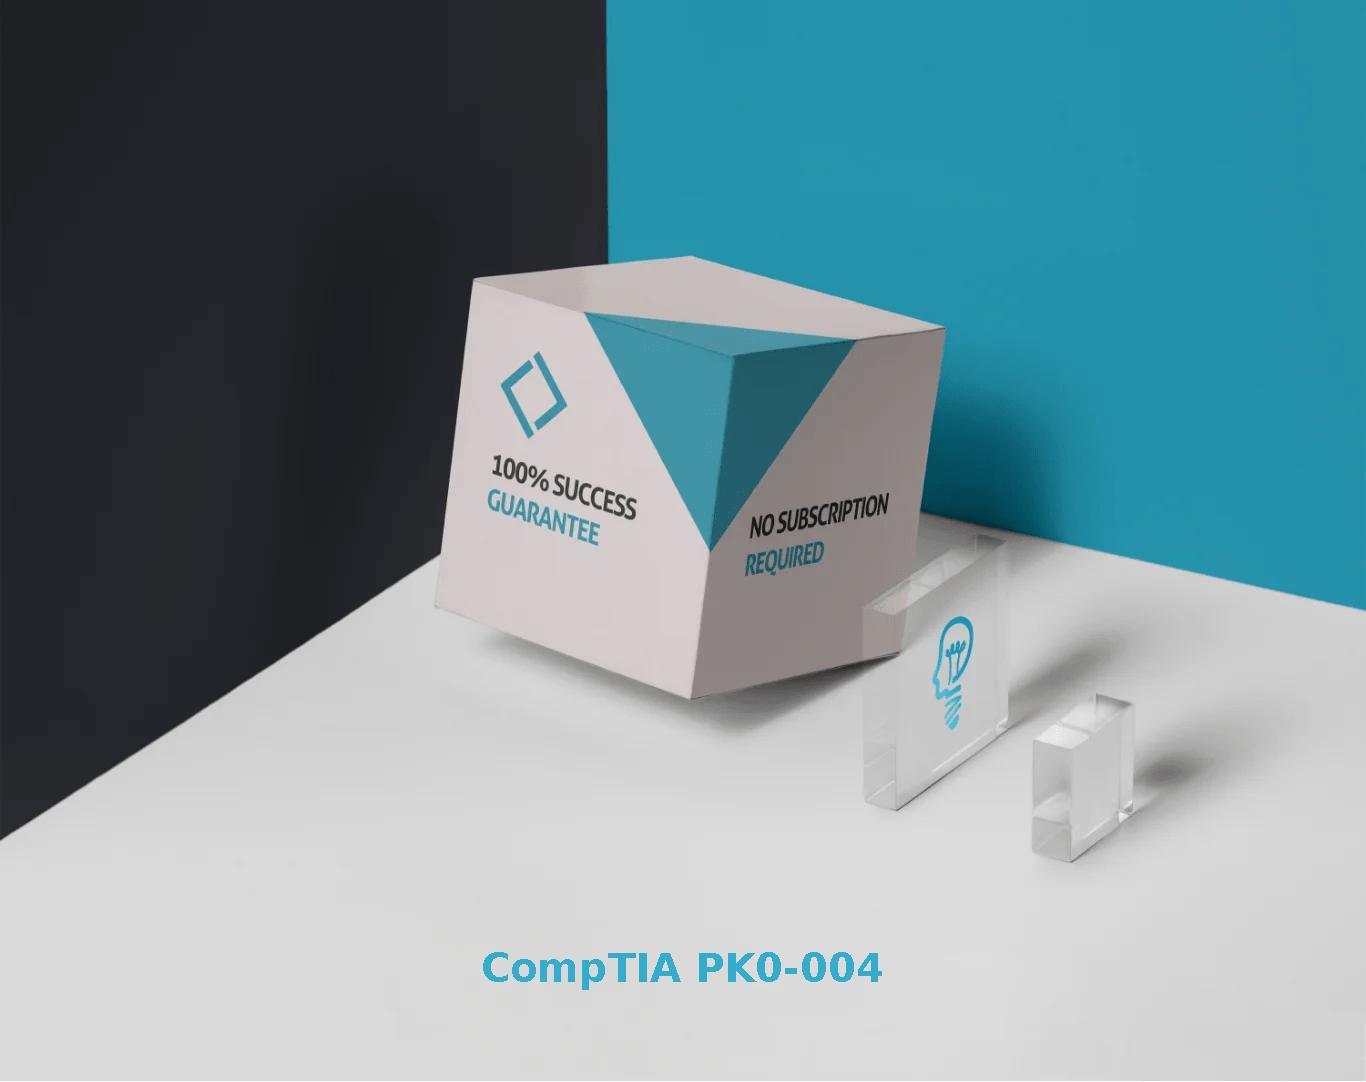 CompTIA PK0-004 Exams